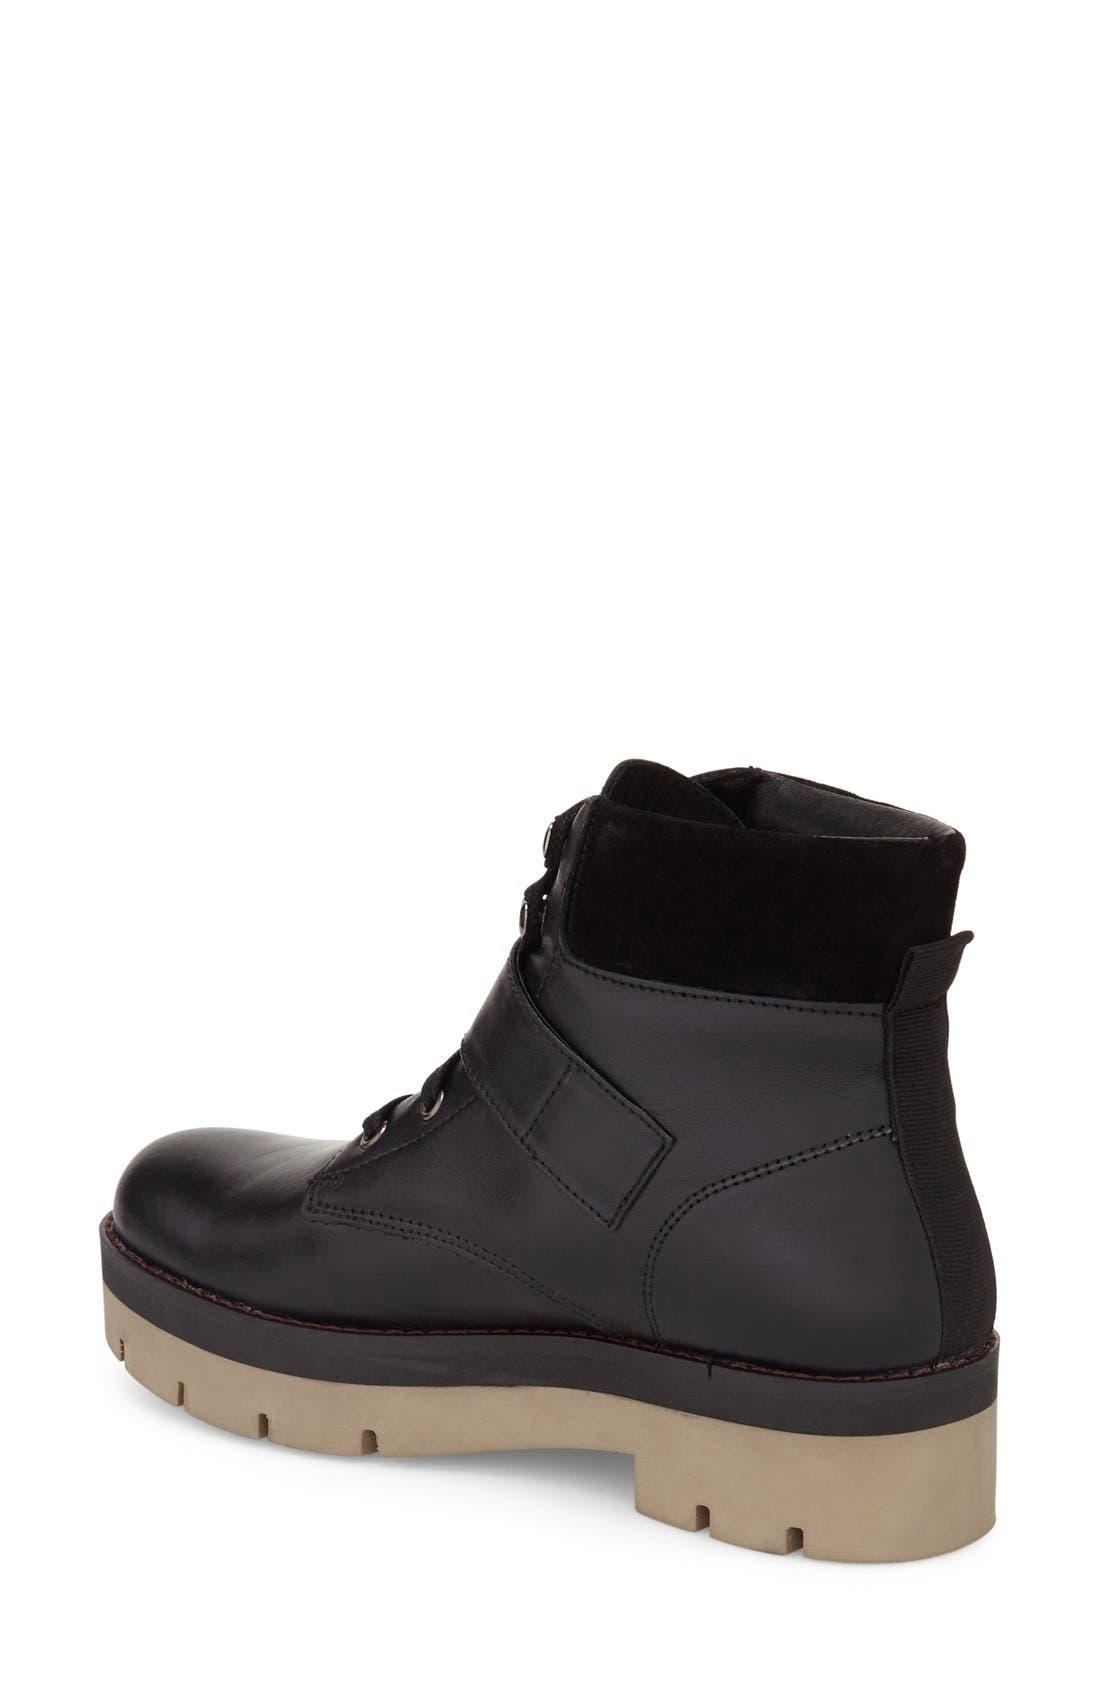 Autumn Platform Boot,                             Alternate thumbnail 2, color,                             001